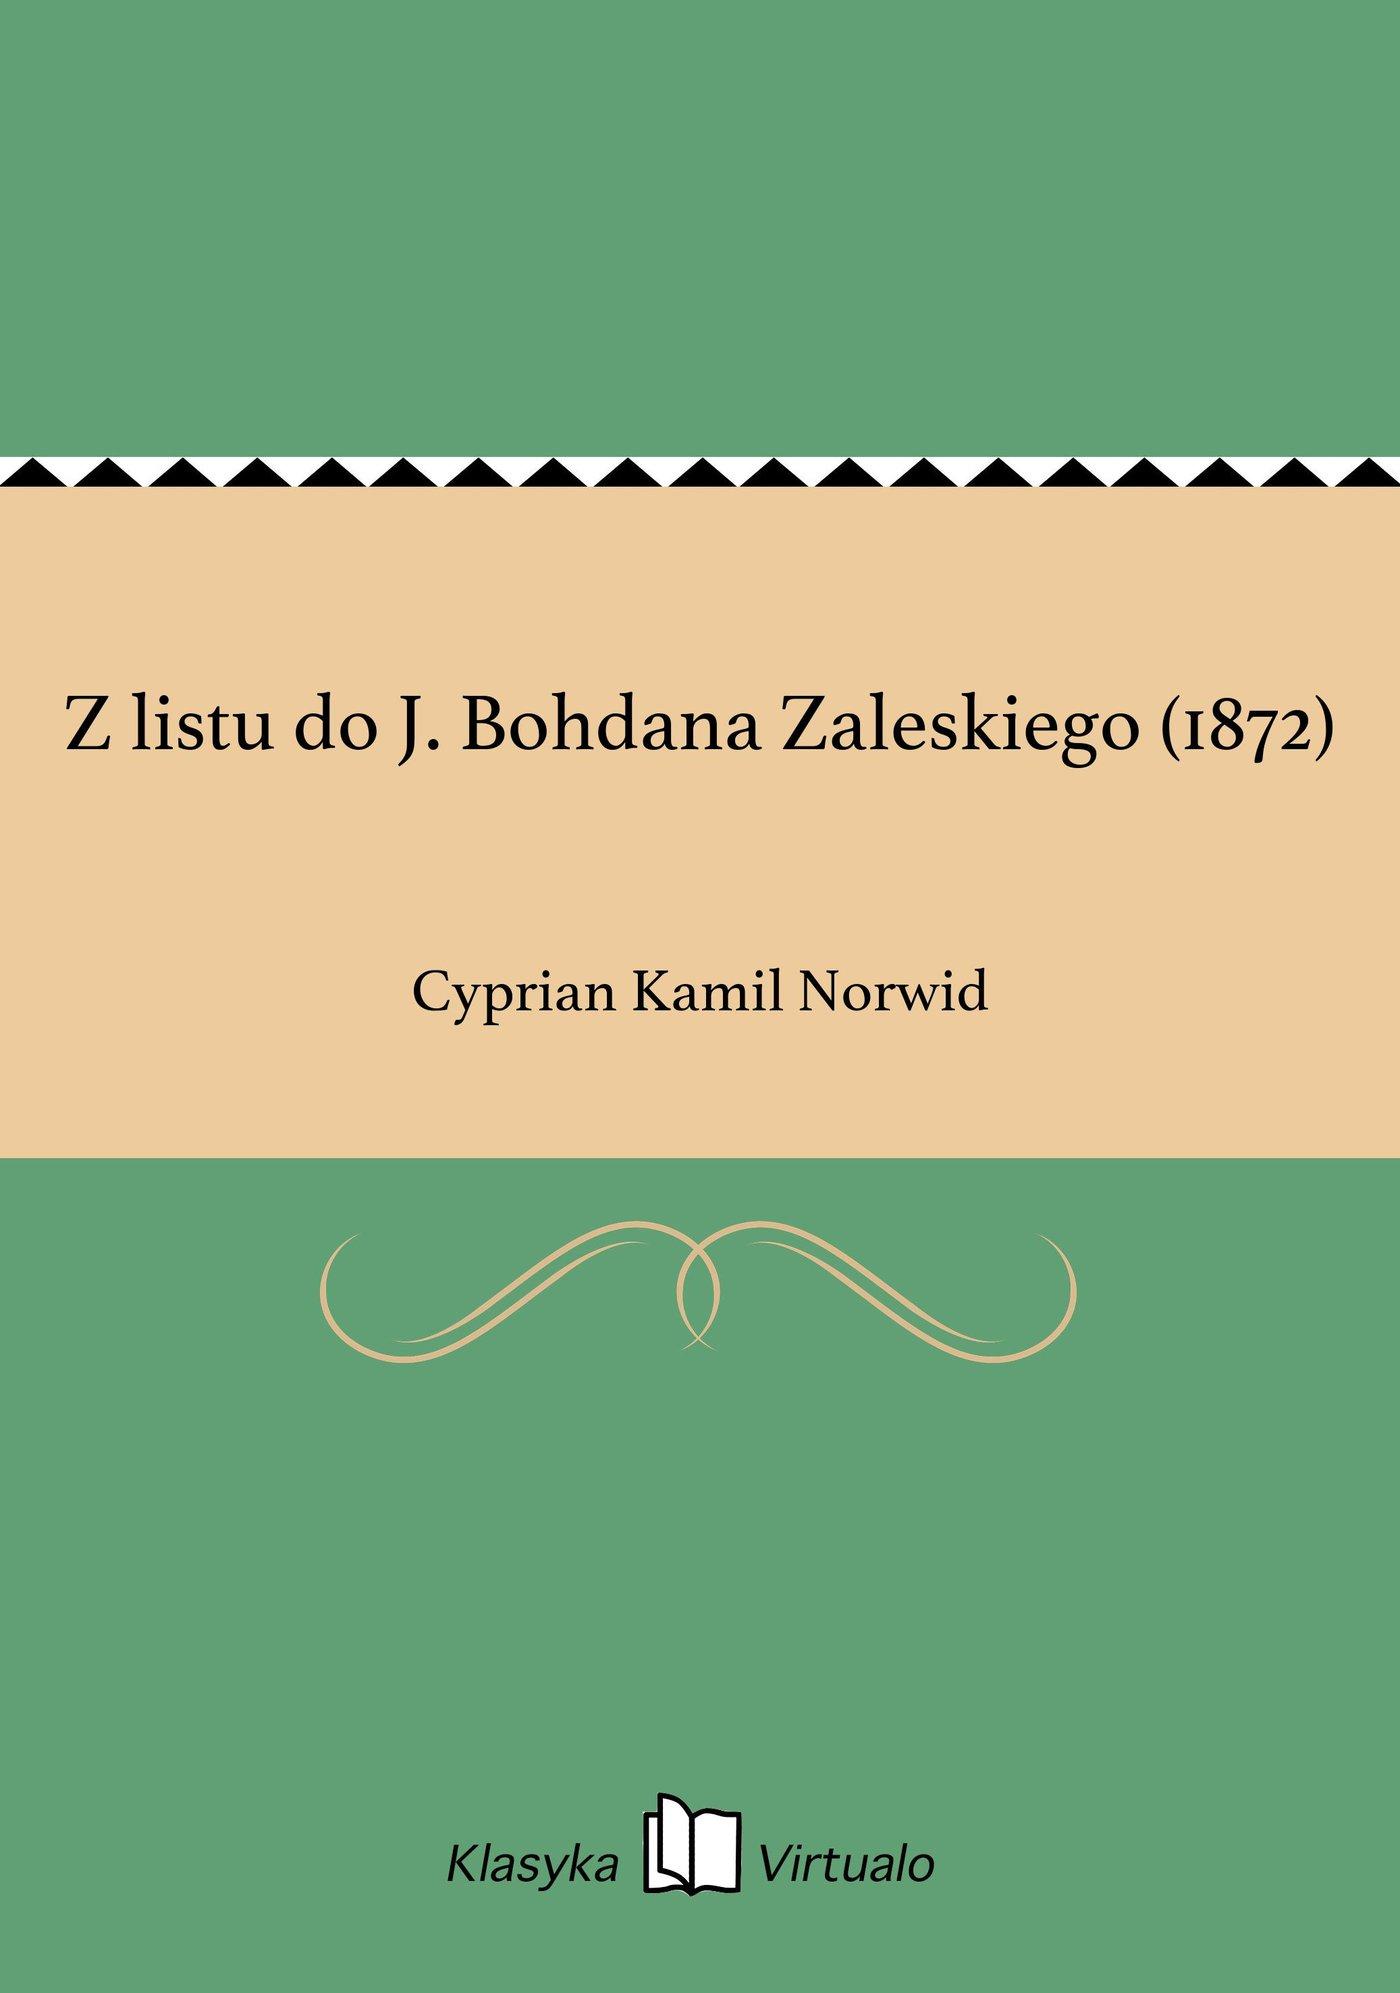 Z listu do J. Bohdana Zaleskiego (1872) - Ebook (Książka EPUB) do pobrania w formacie EPUB